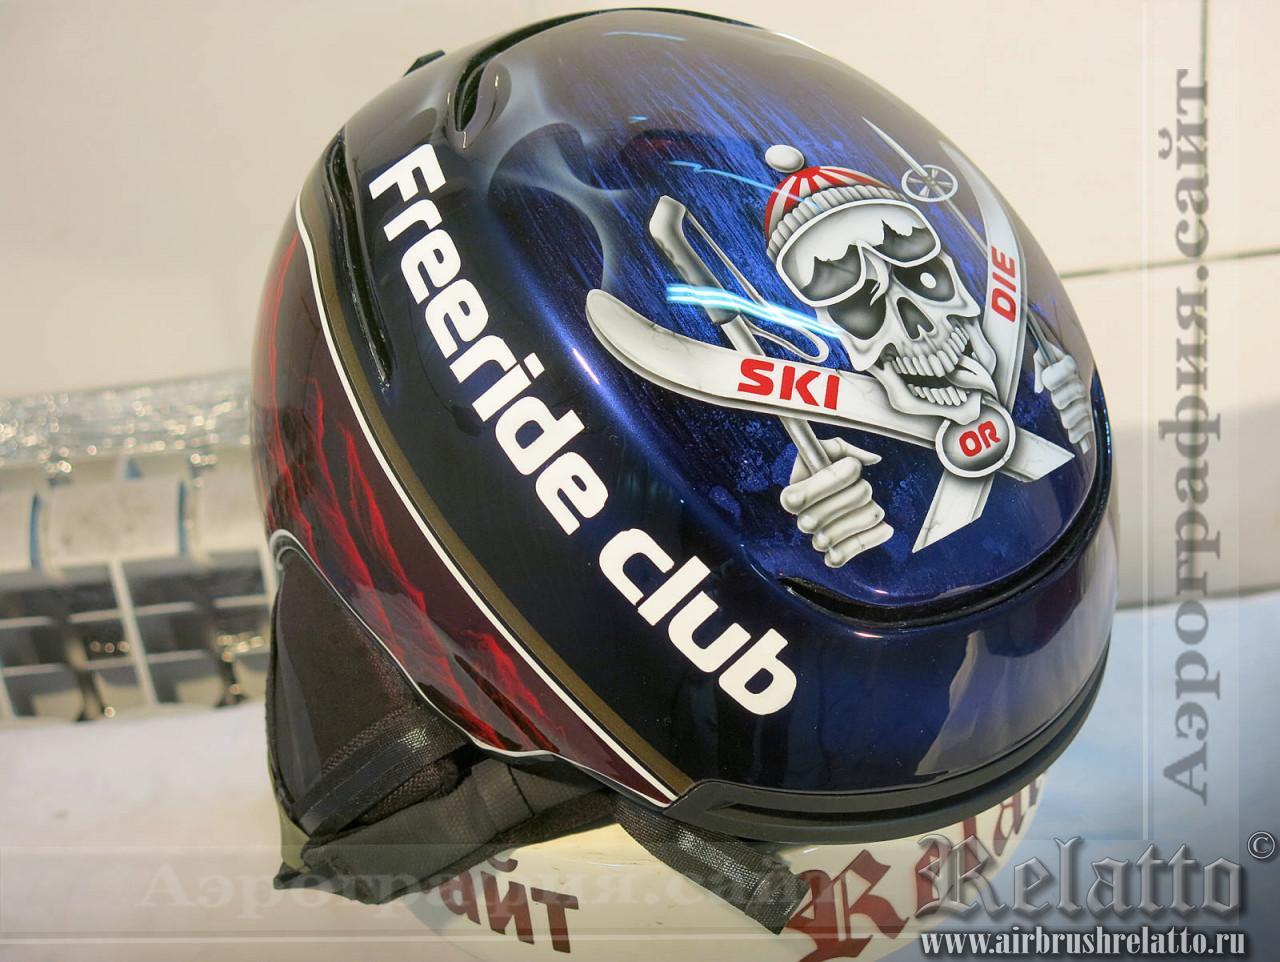 шлем для горнолыжника в Белгороде